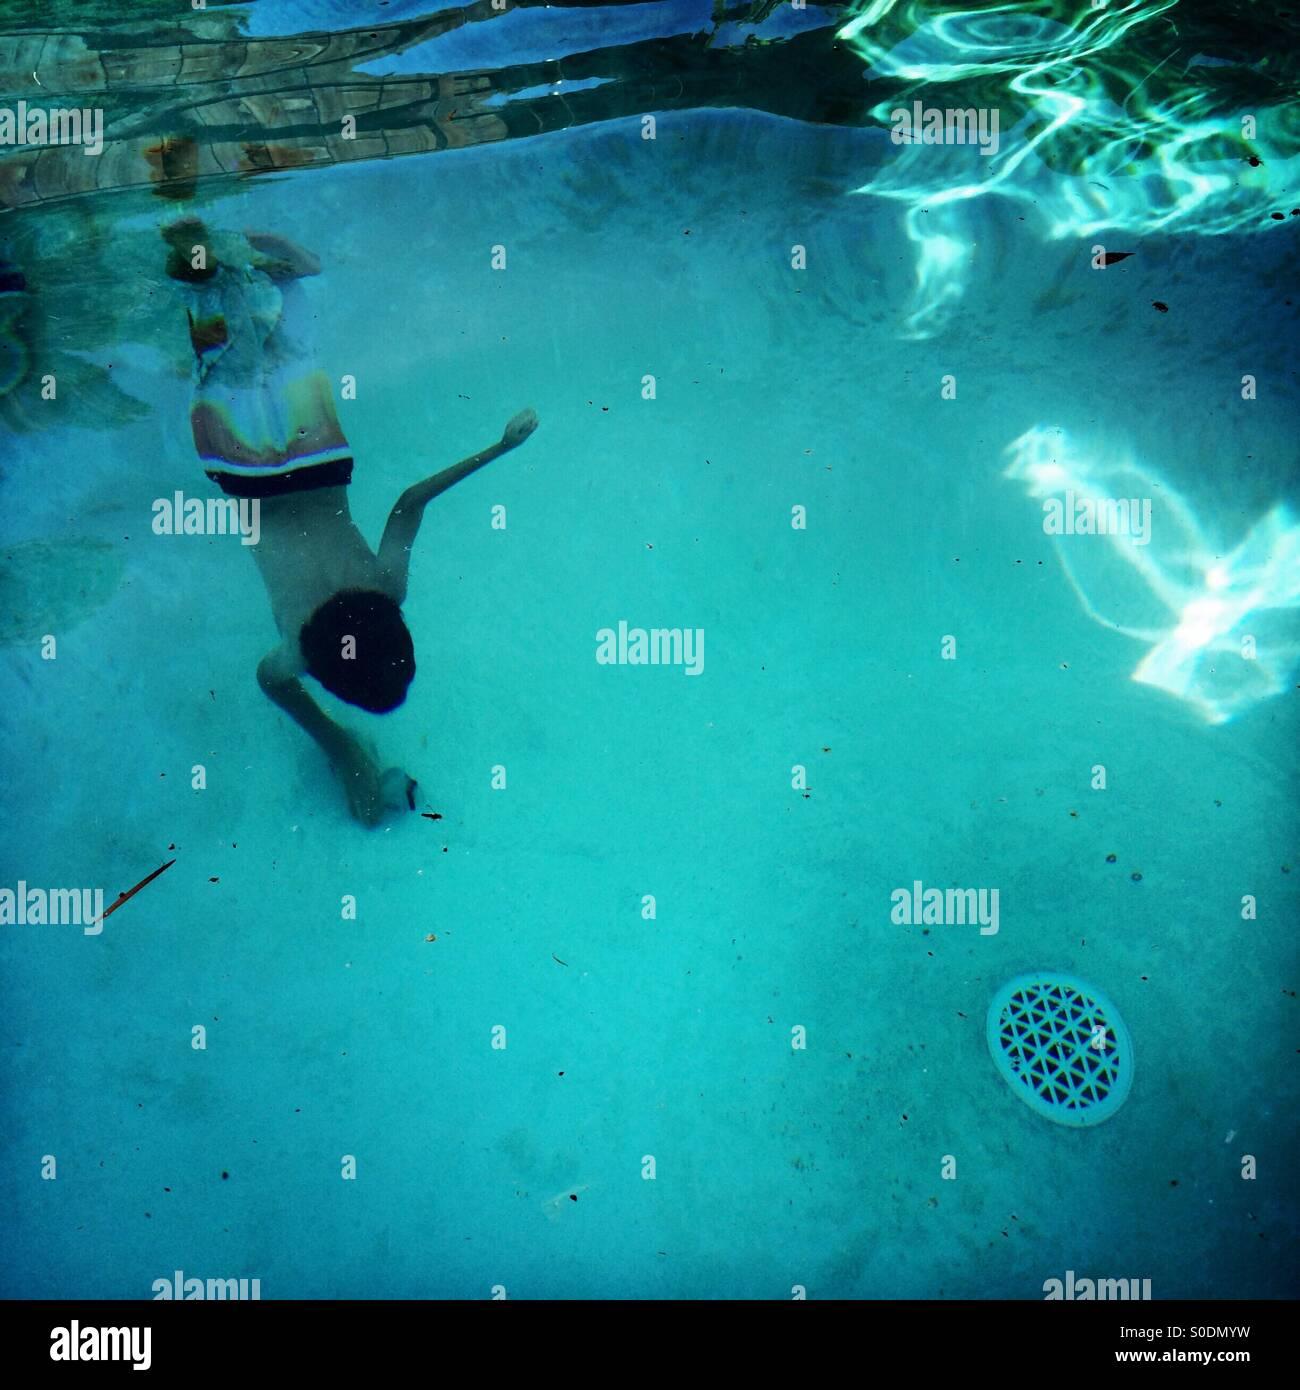 Un niño de siete años inmersiones al fondo de una piscina para conseguir su máscara de buceo. Imagen De Stock